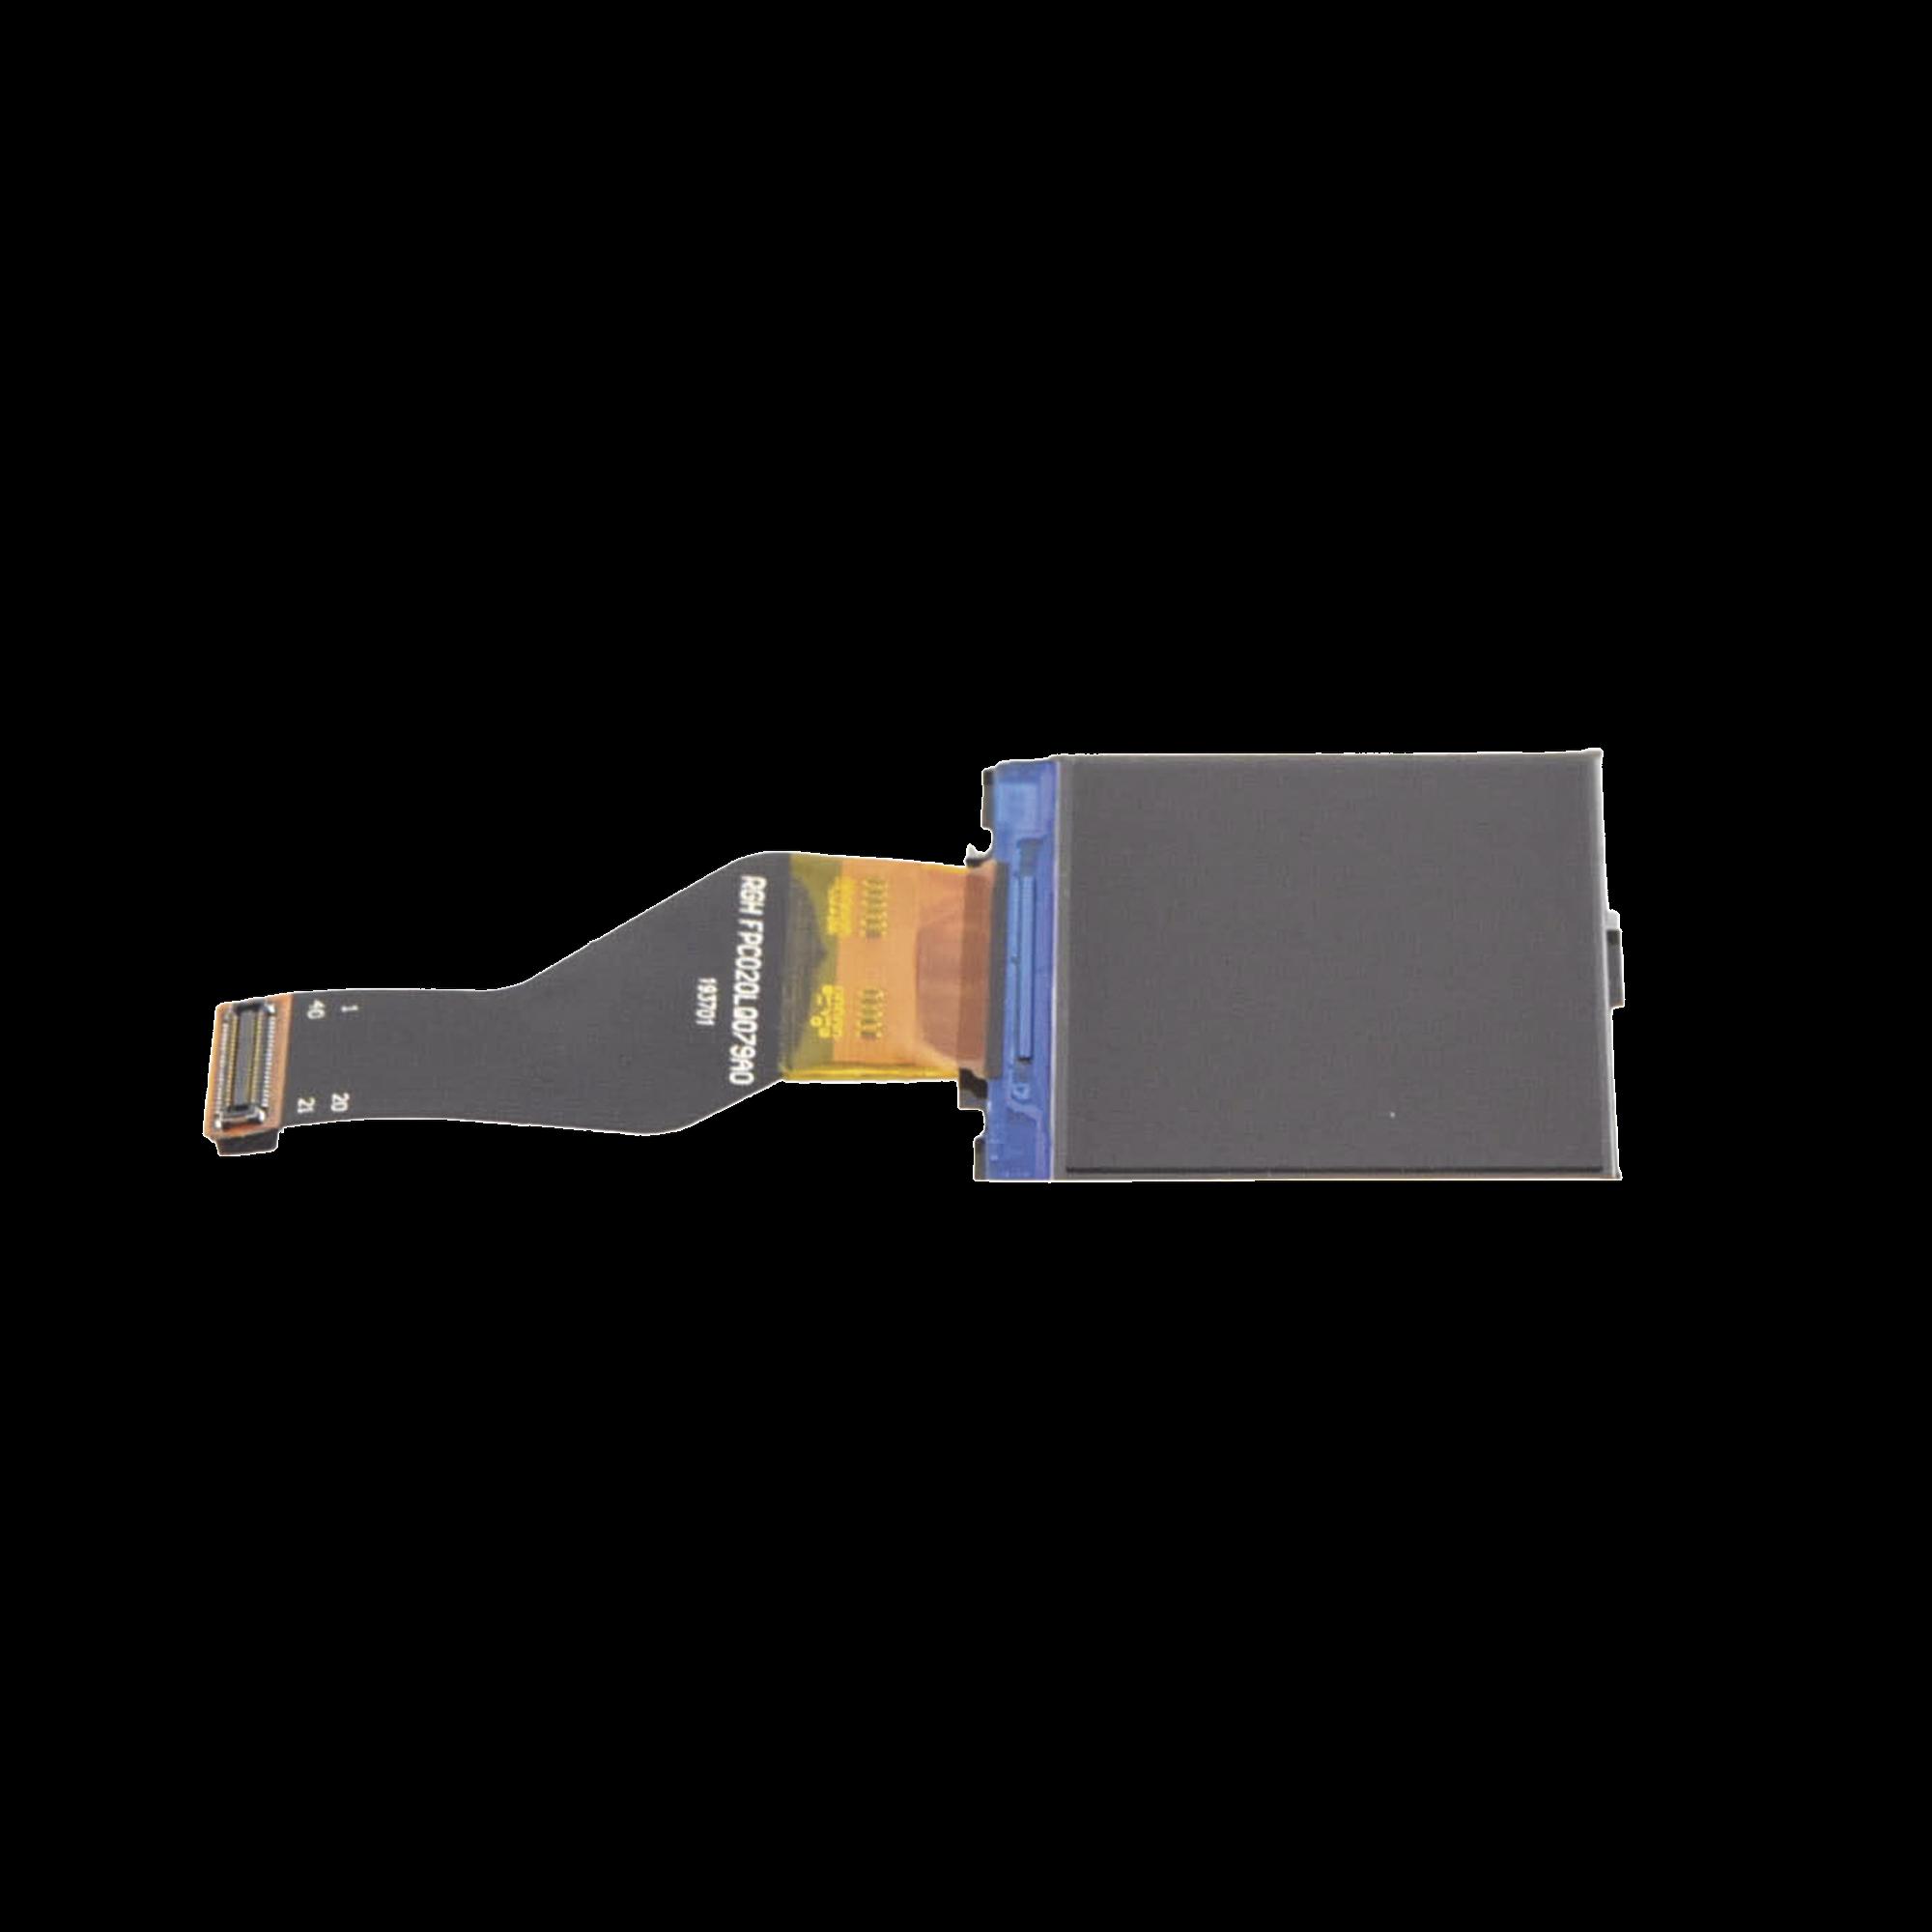 Pantalla LCD de reemplazo para BodyCam XMRX5, incluye protector.